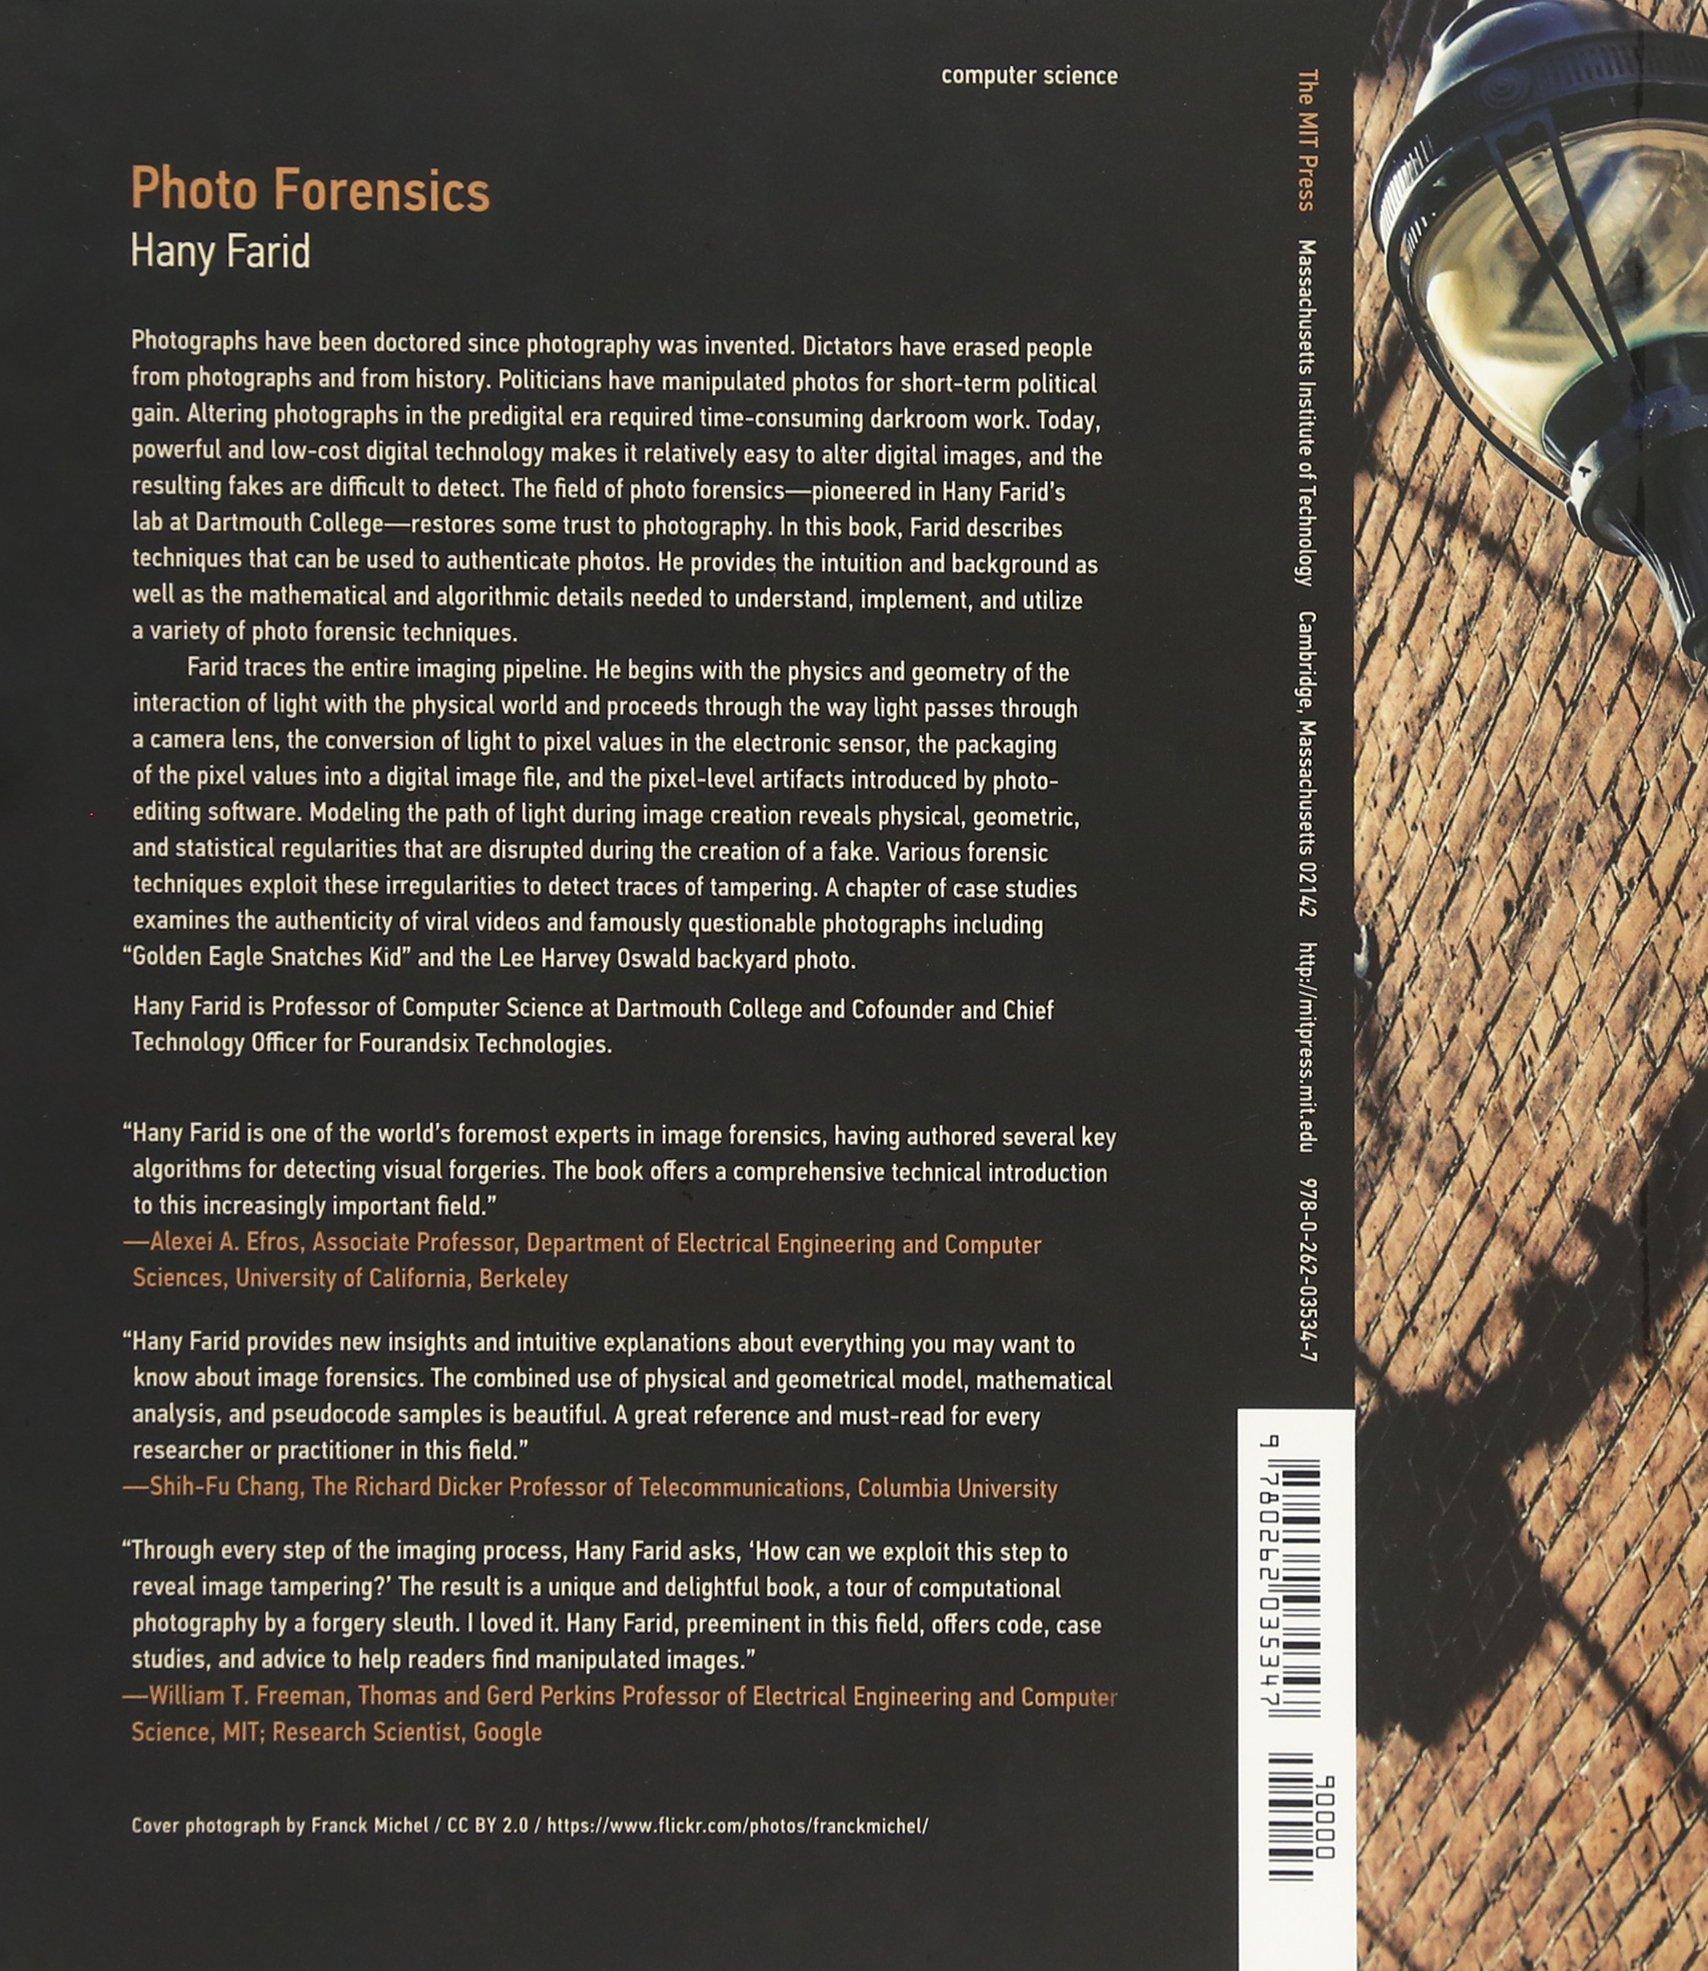 photo forensics mit press hany farid 9780262035347 amazon com